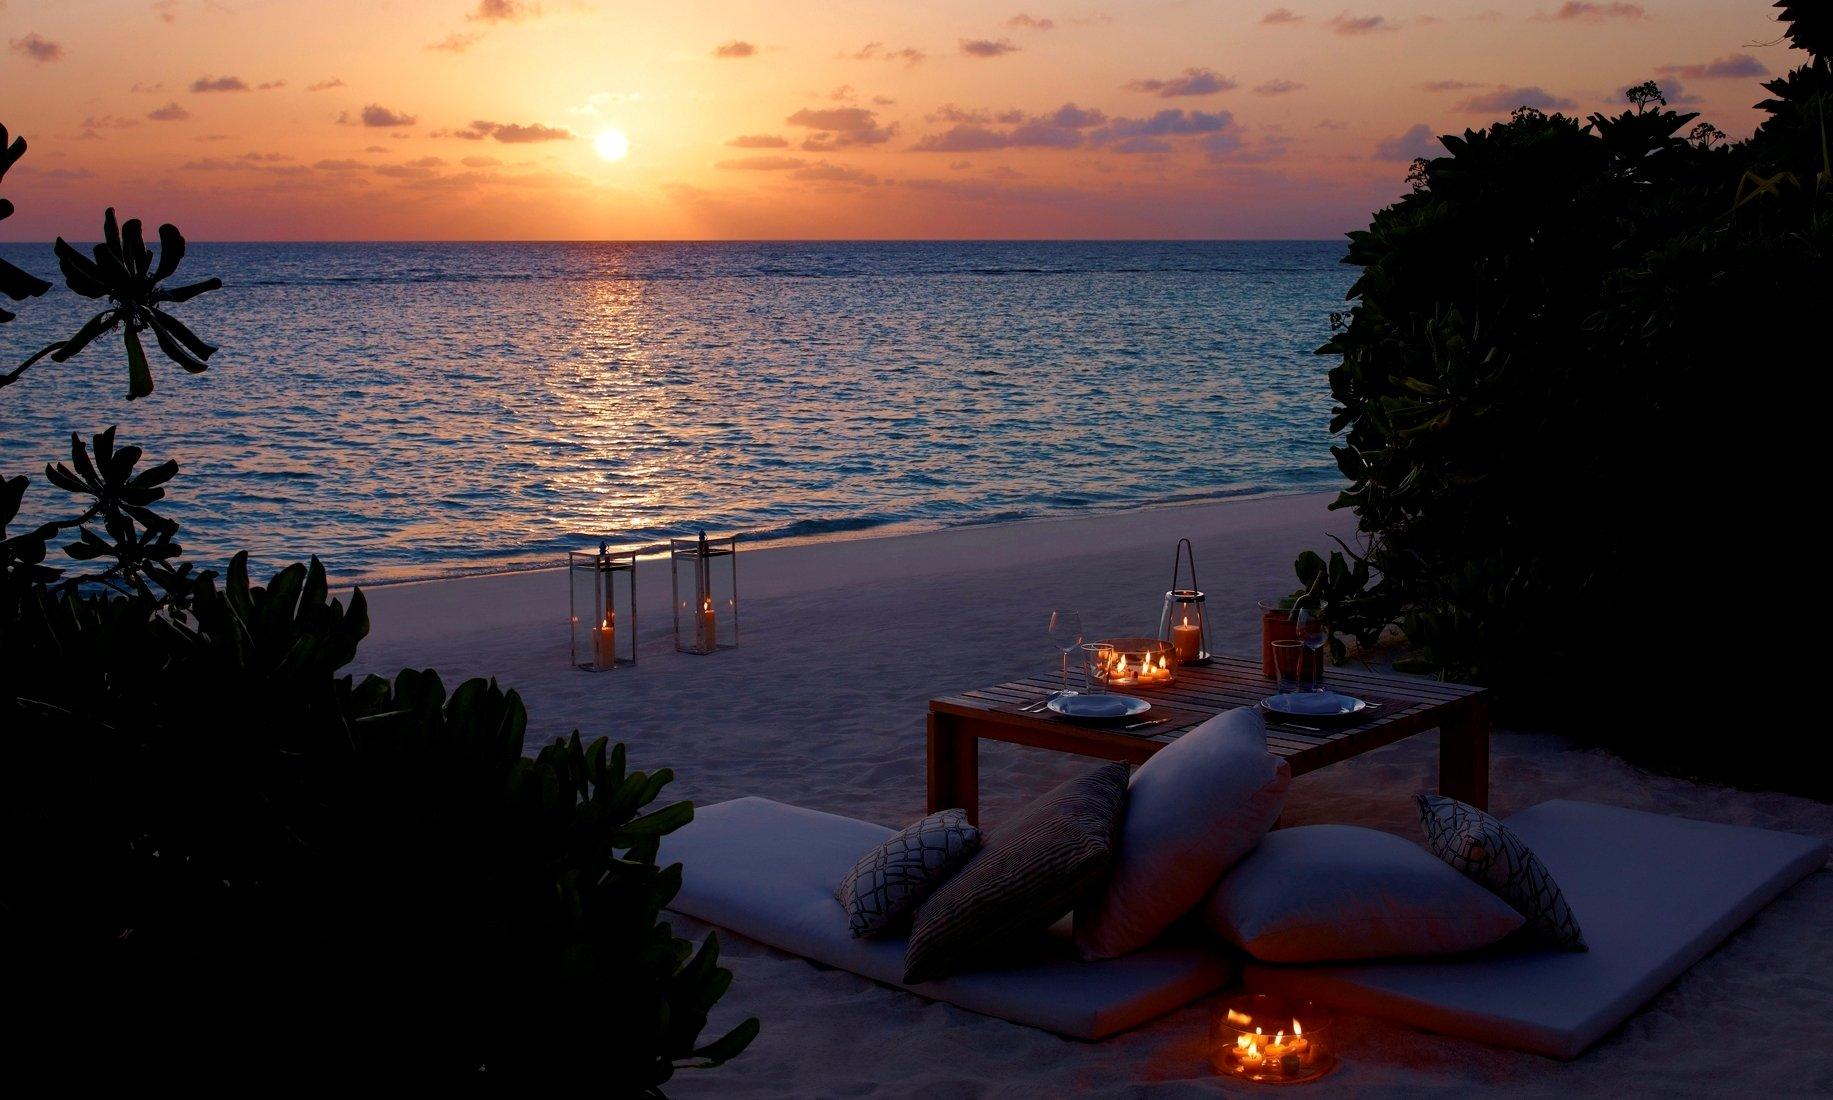 Ниндзя, романтические картинки море